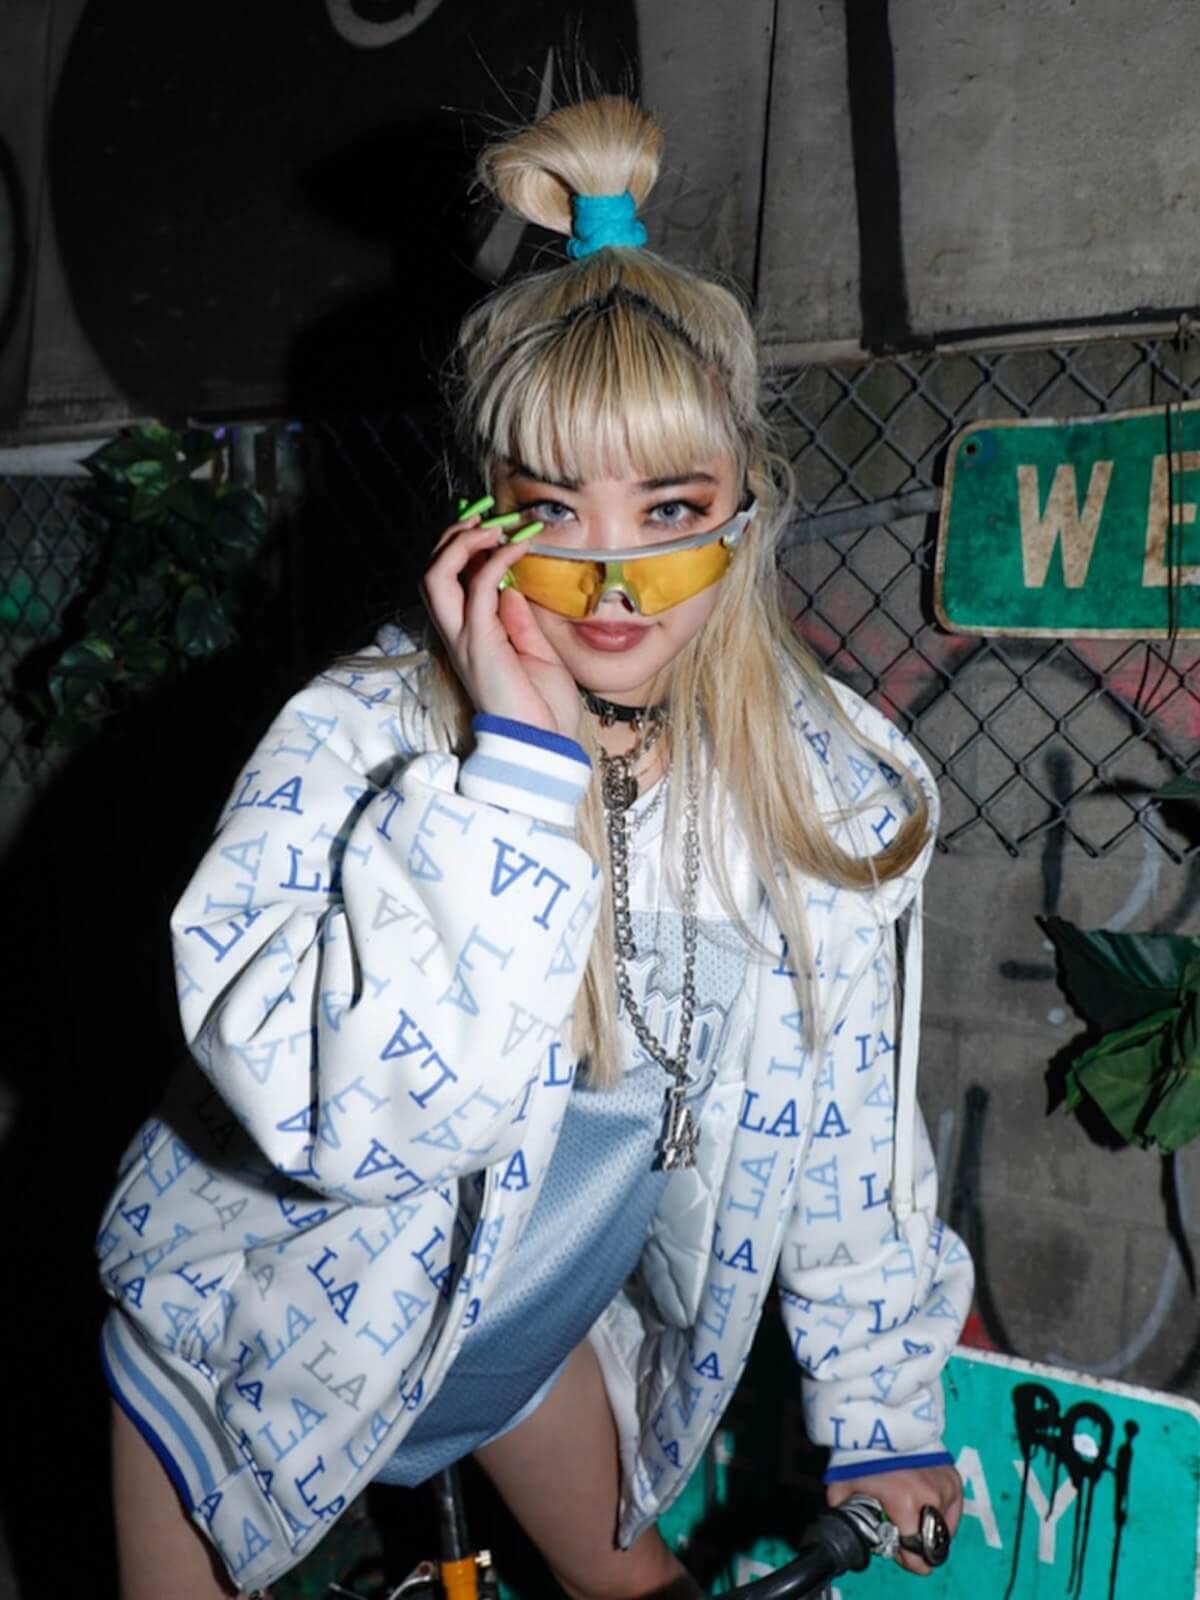 オカモトレイジ・Mall Boyz・Elle Teresaら出演の<ゴールデンフラッシュマンショー>5月2日、渋谷VISIONにて開催!  music190426goldenflushmanshow_1